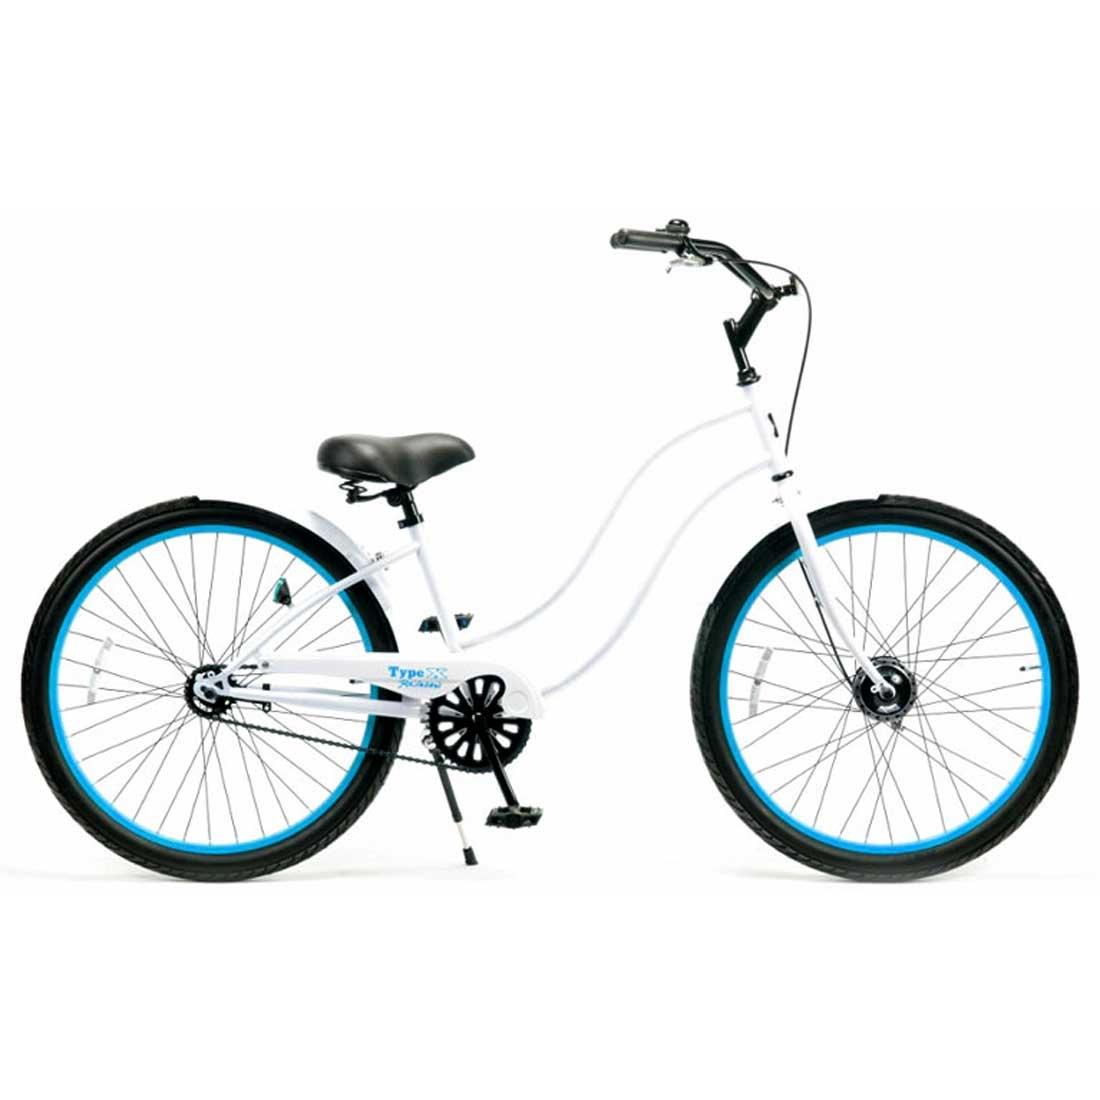 レインボー ビーチクルーザー 26インチ おしゃれ 自転車 通勤 通学 メンズ レディース 26TYPE-X-LADY グロスホワイト×スカイブルーリム